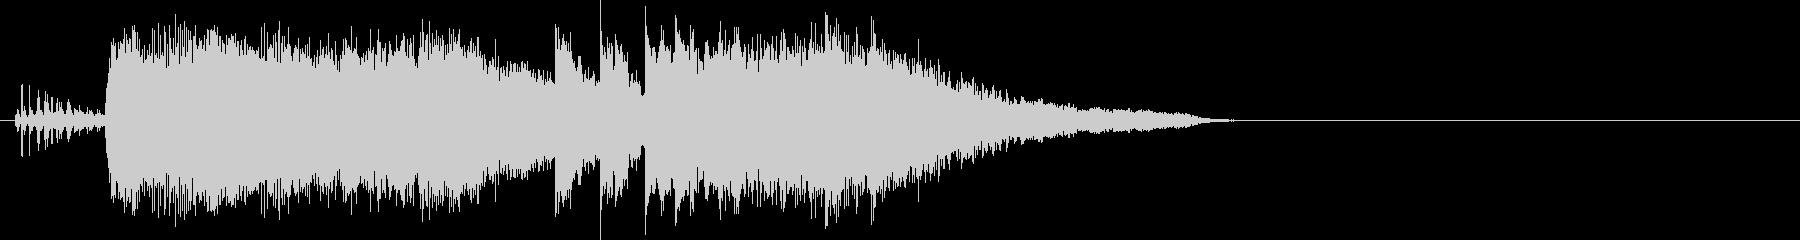 バイオリンメインのジングルの未再生の波形